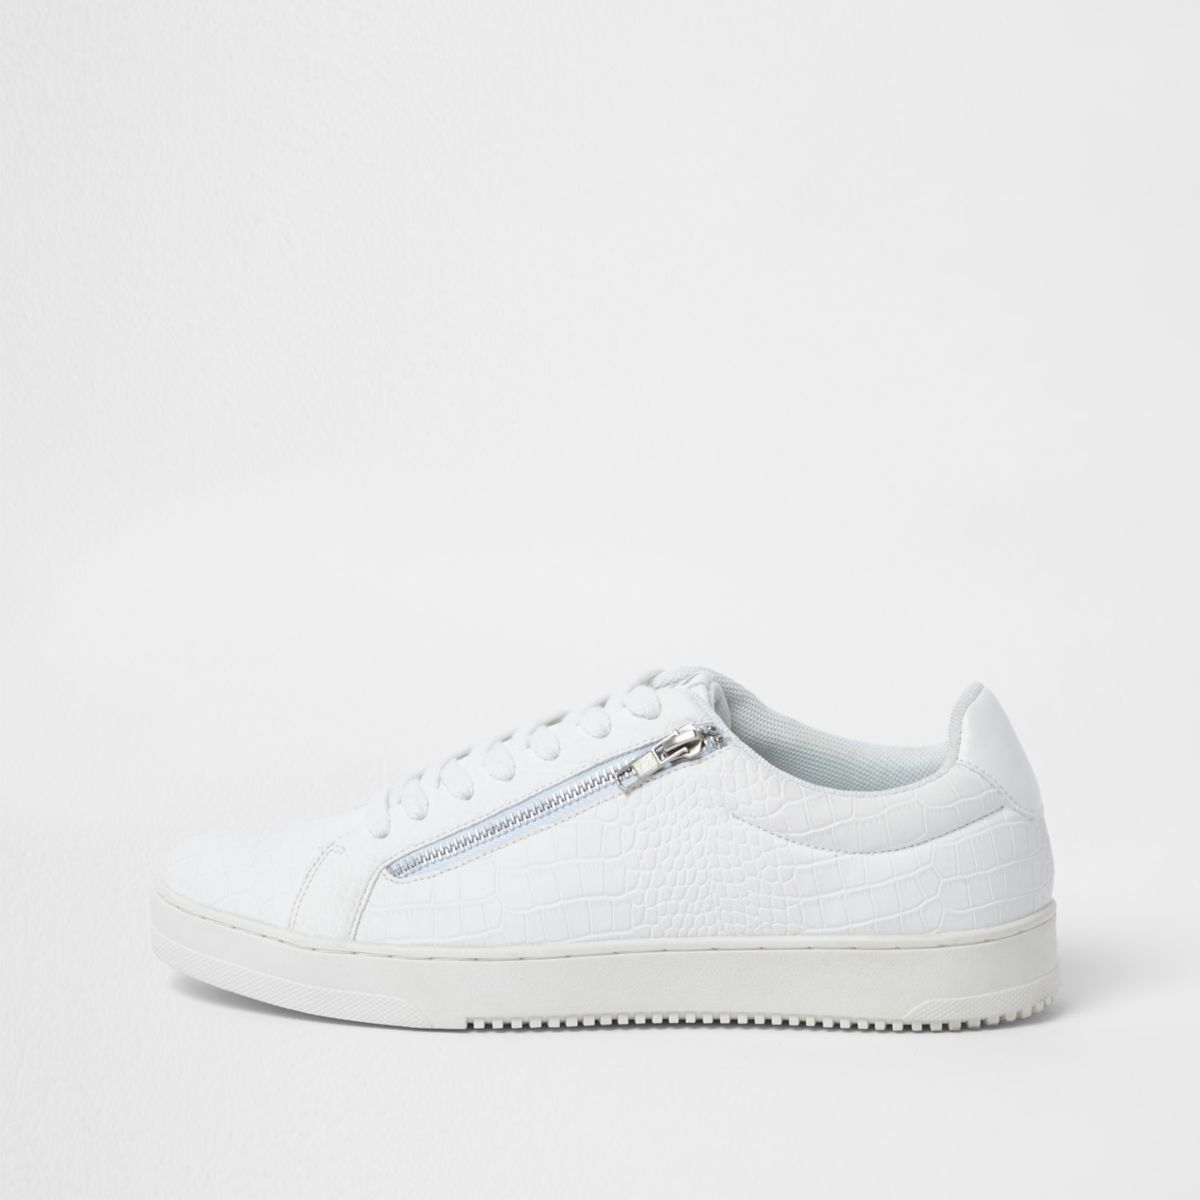 Weiße Sneakers mit Kroko-Prägung